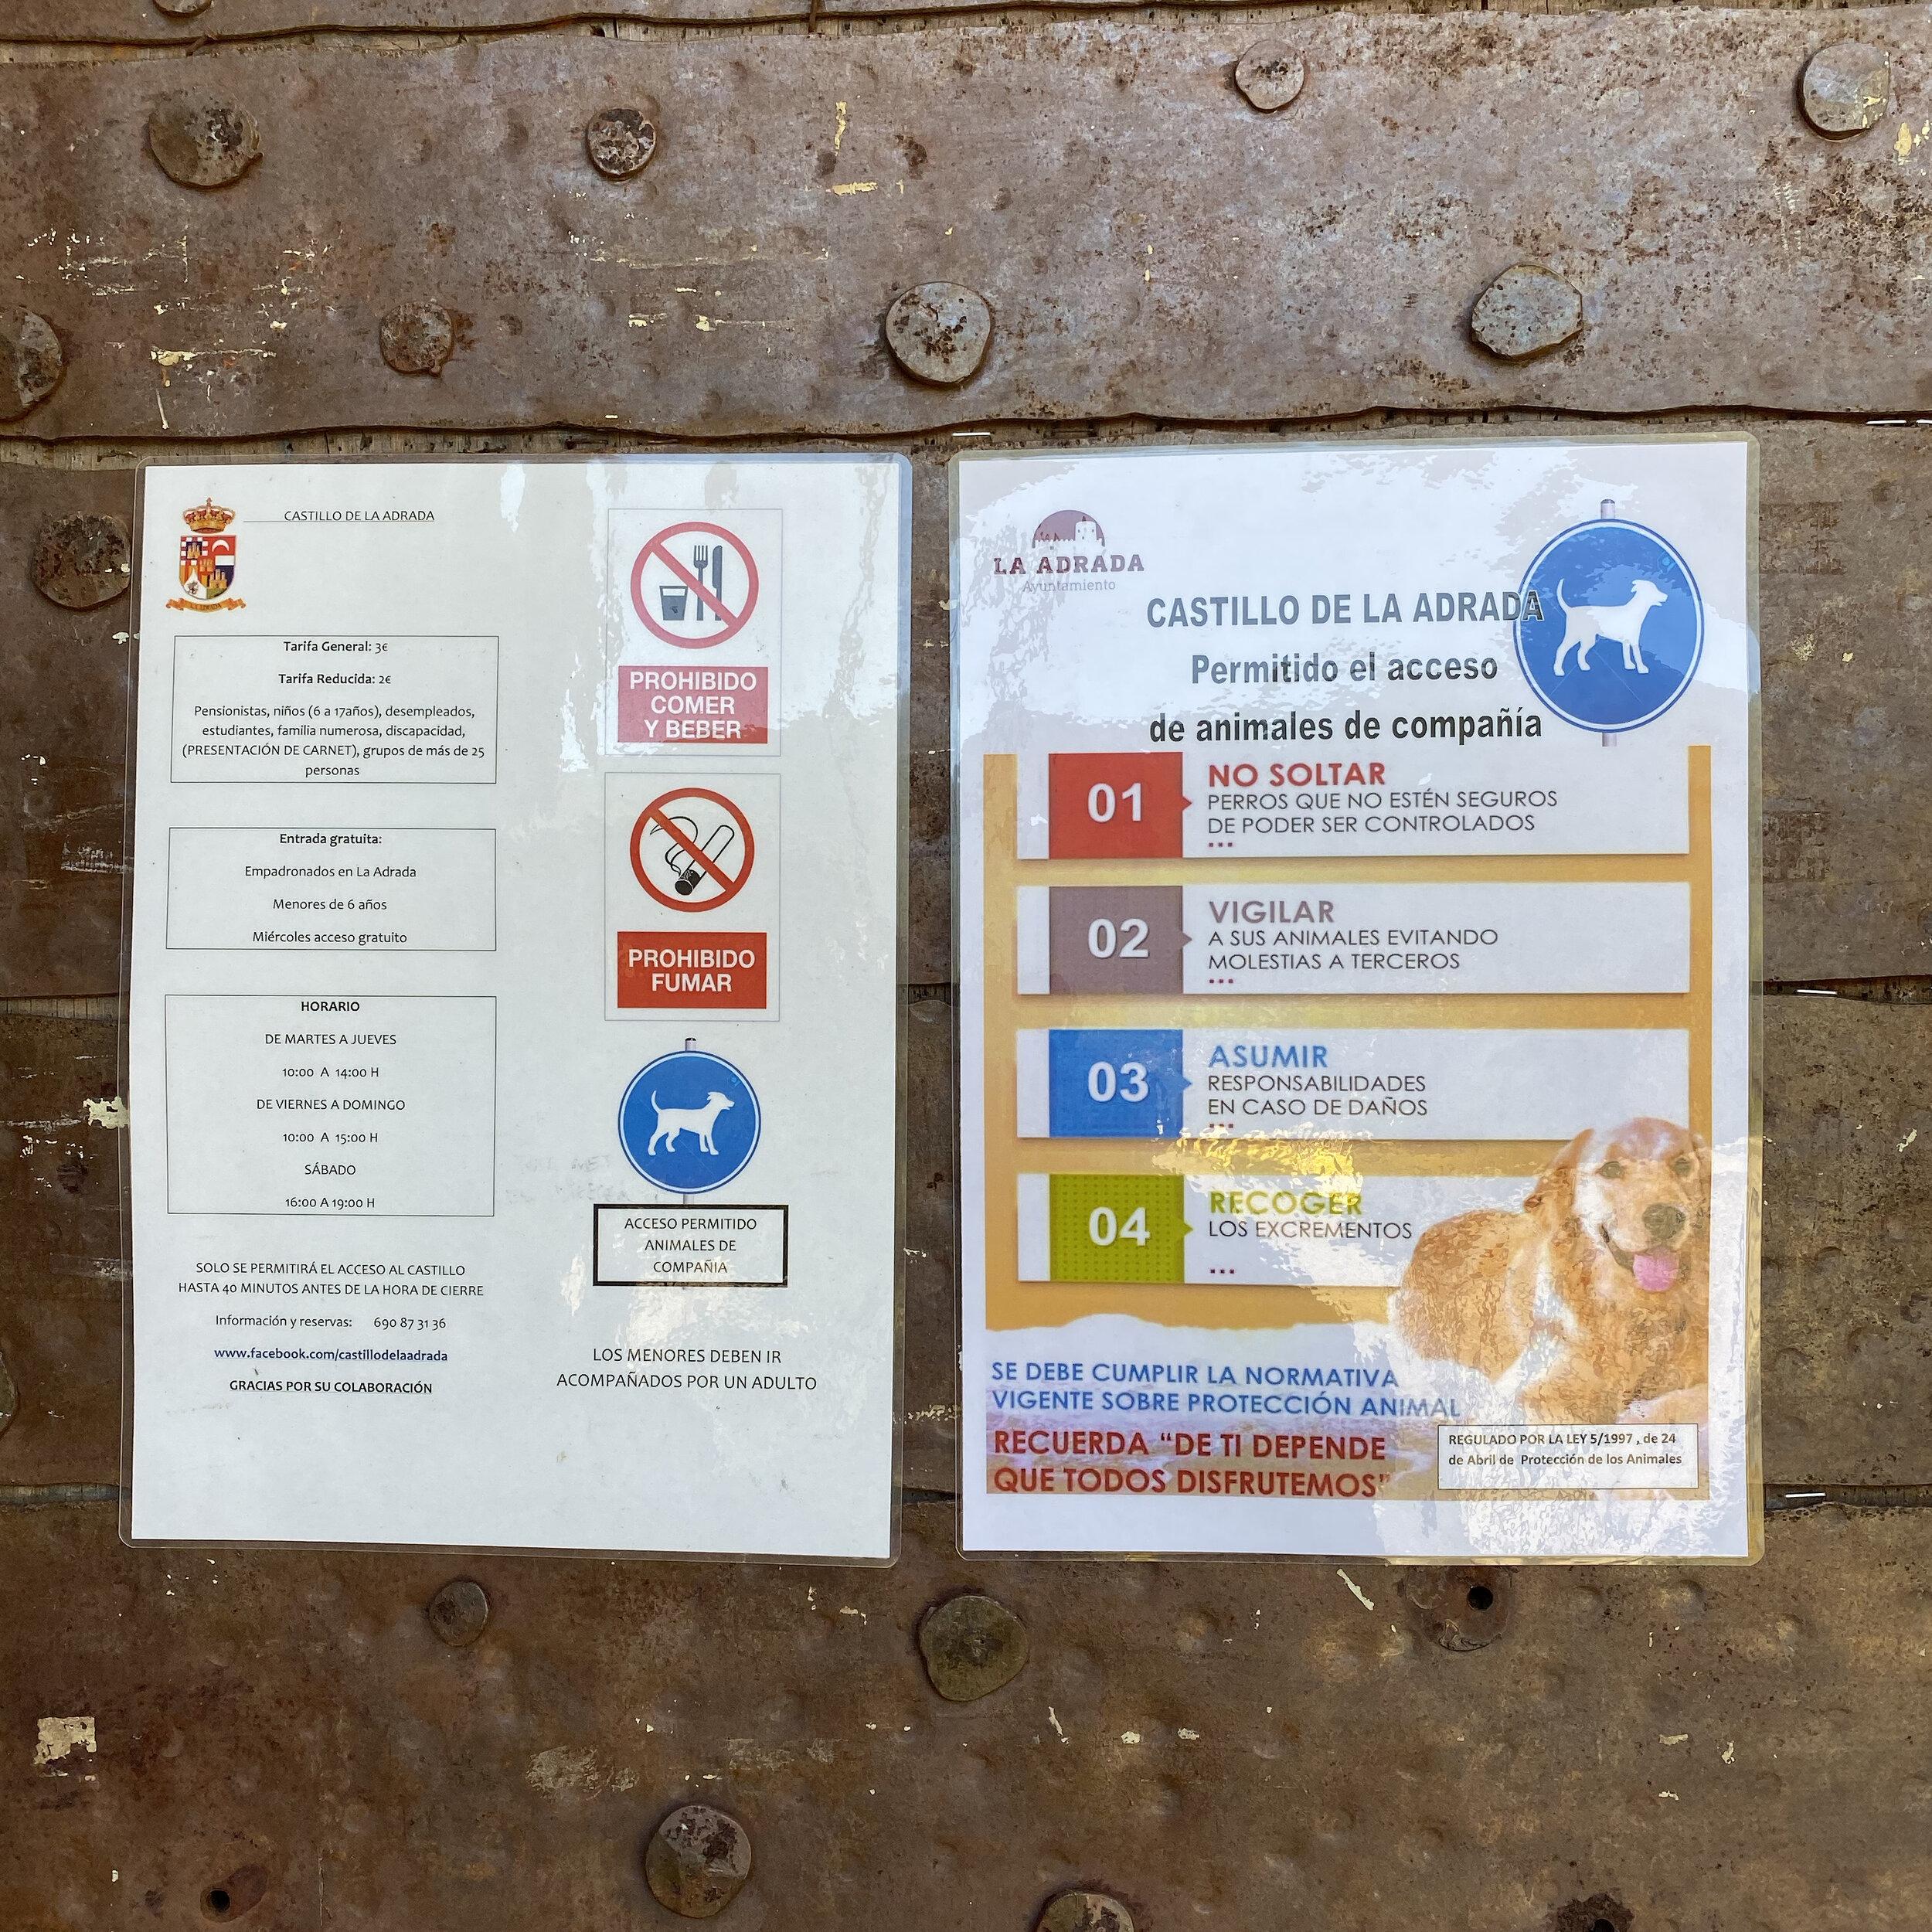 Normas de acceso para los perros.